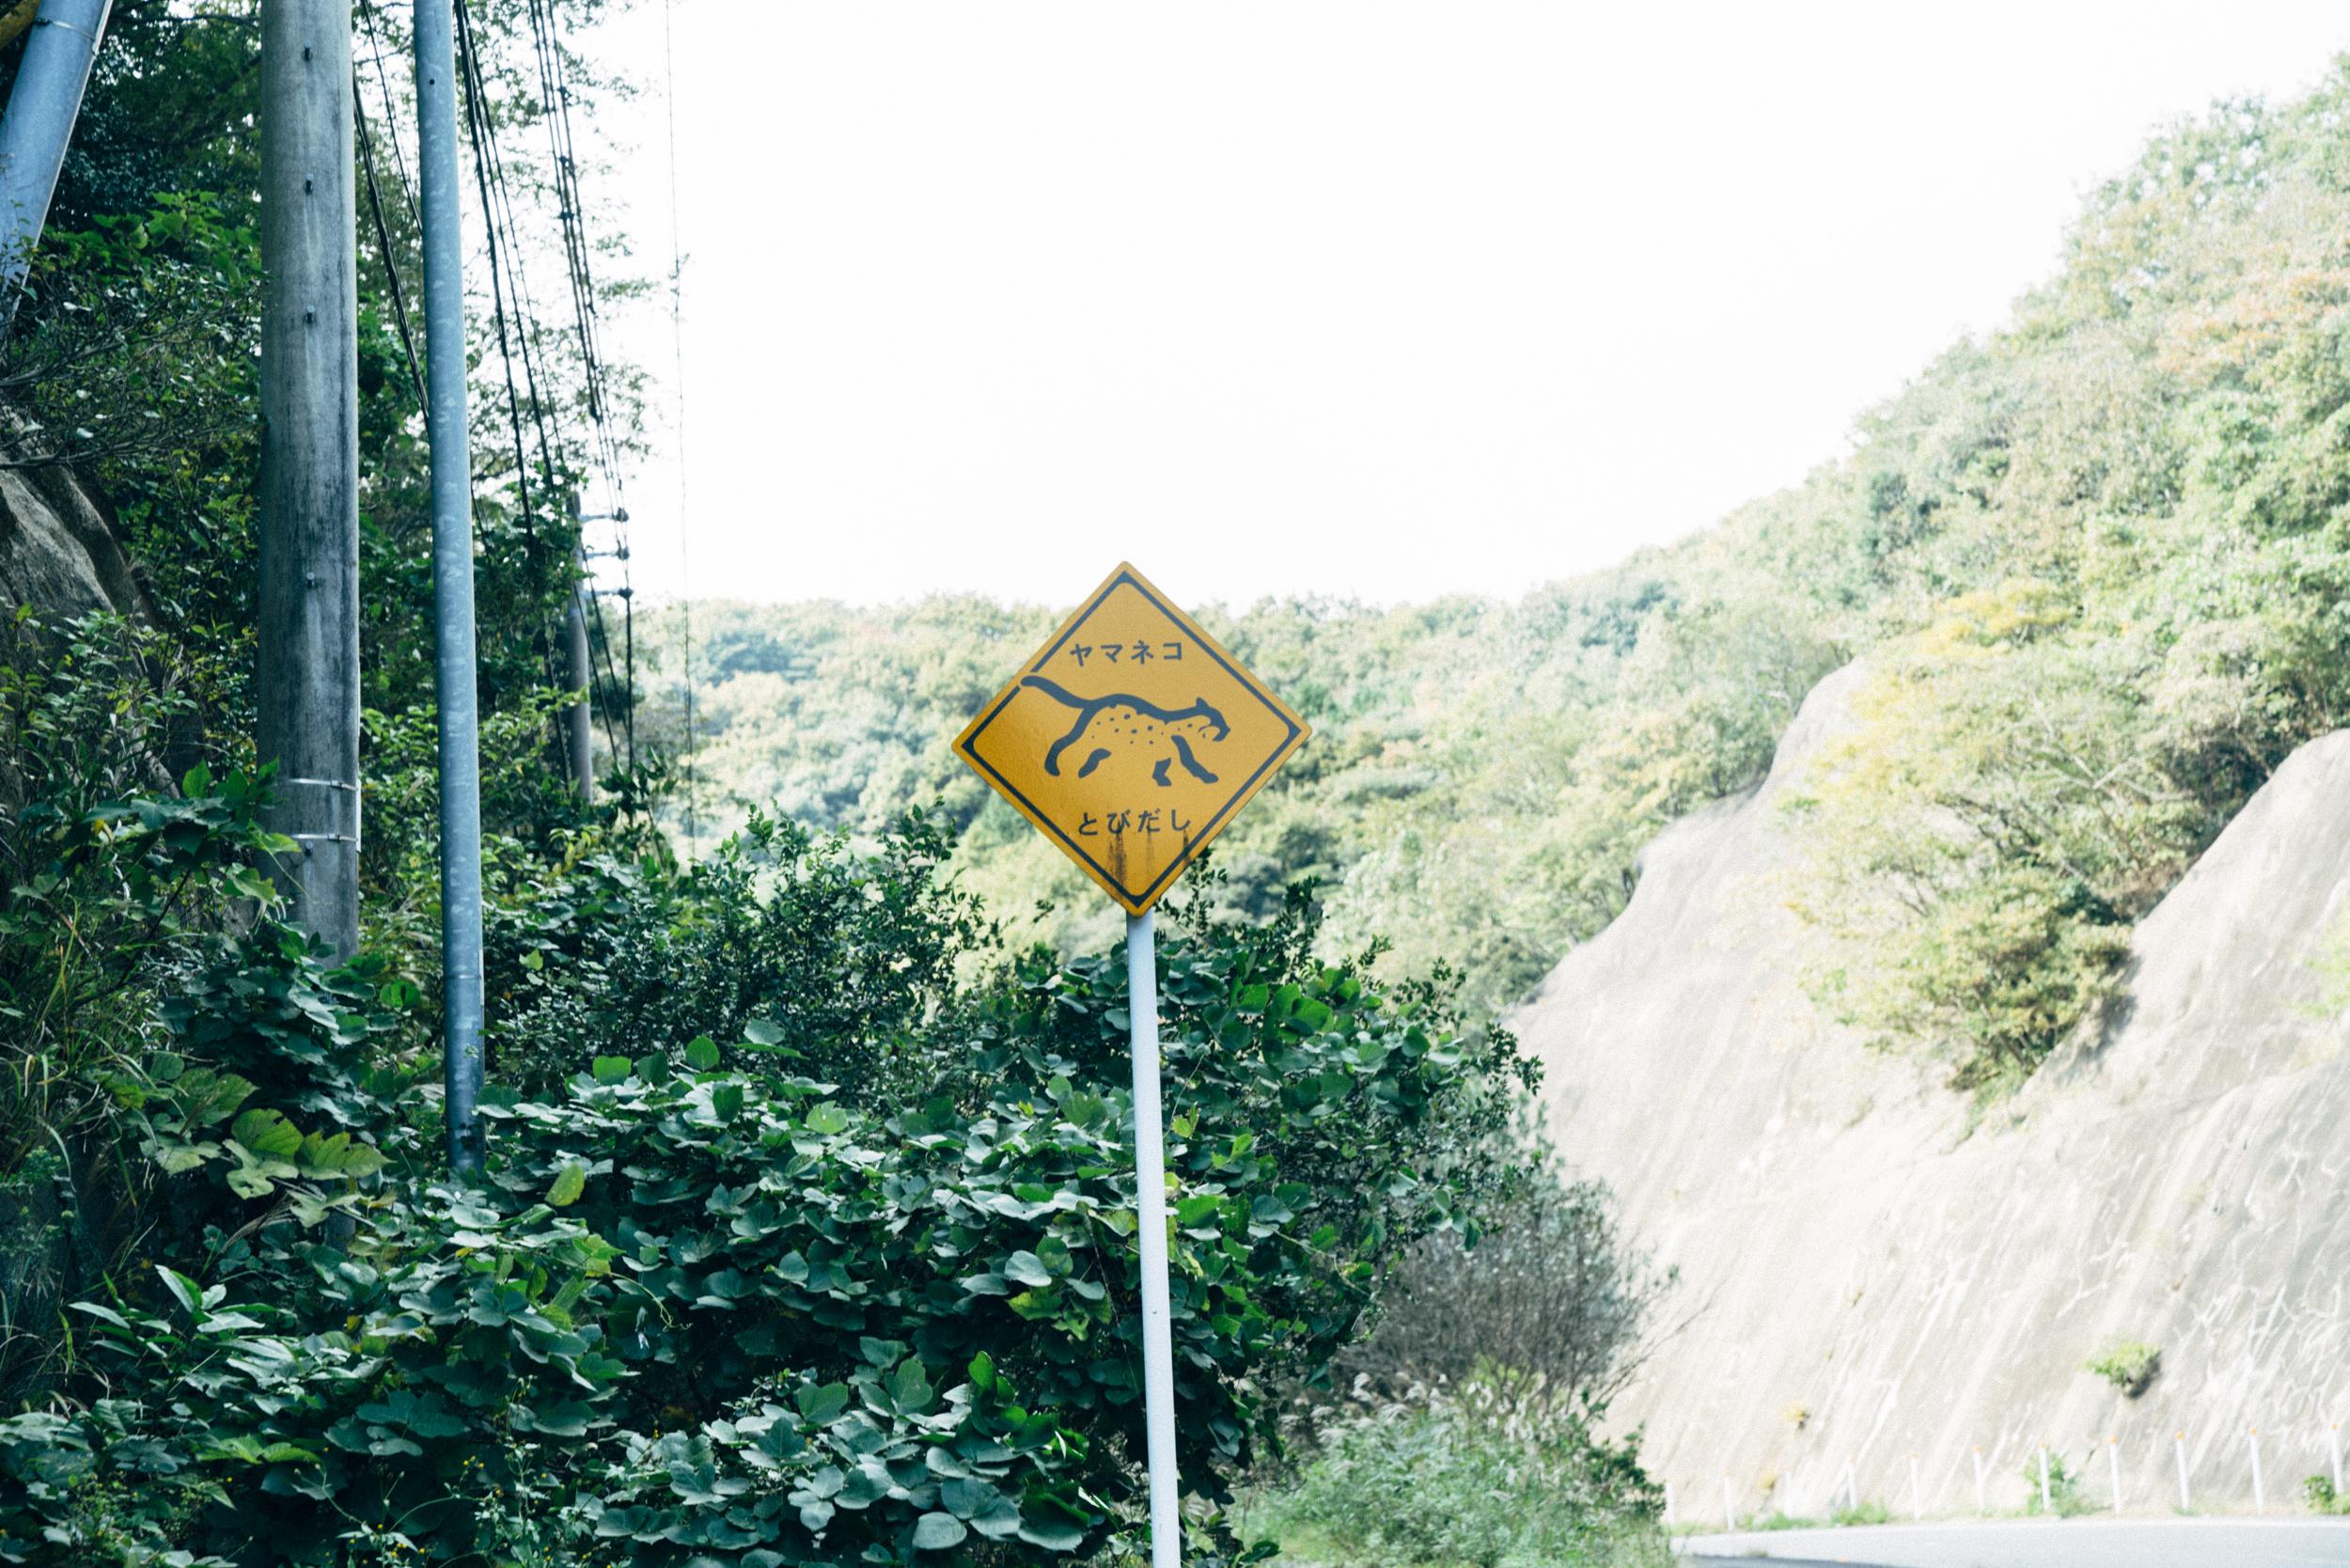 ツシマヤマネコの看板